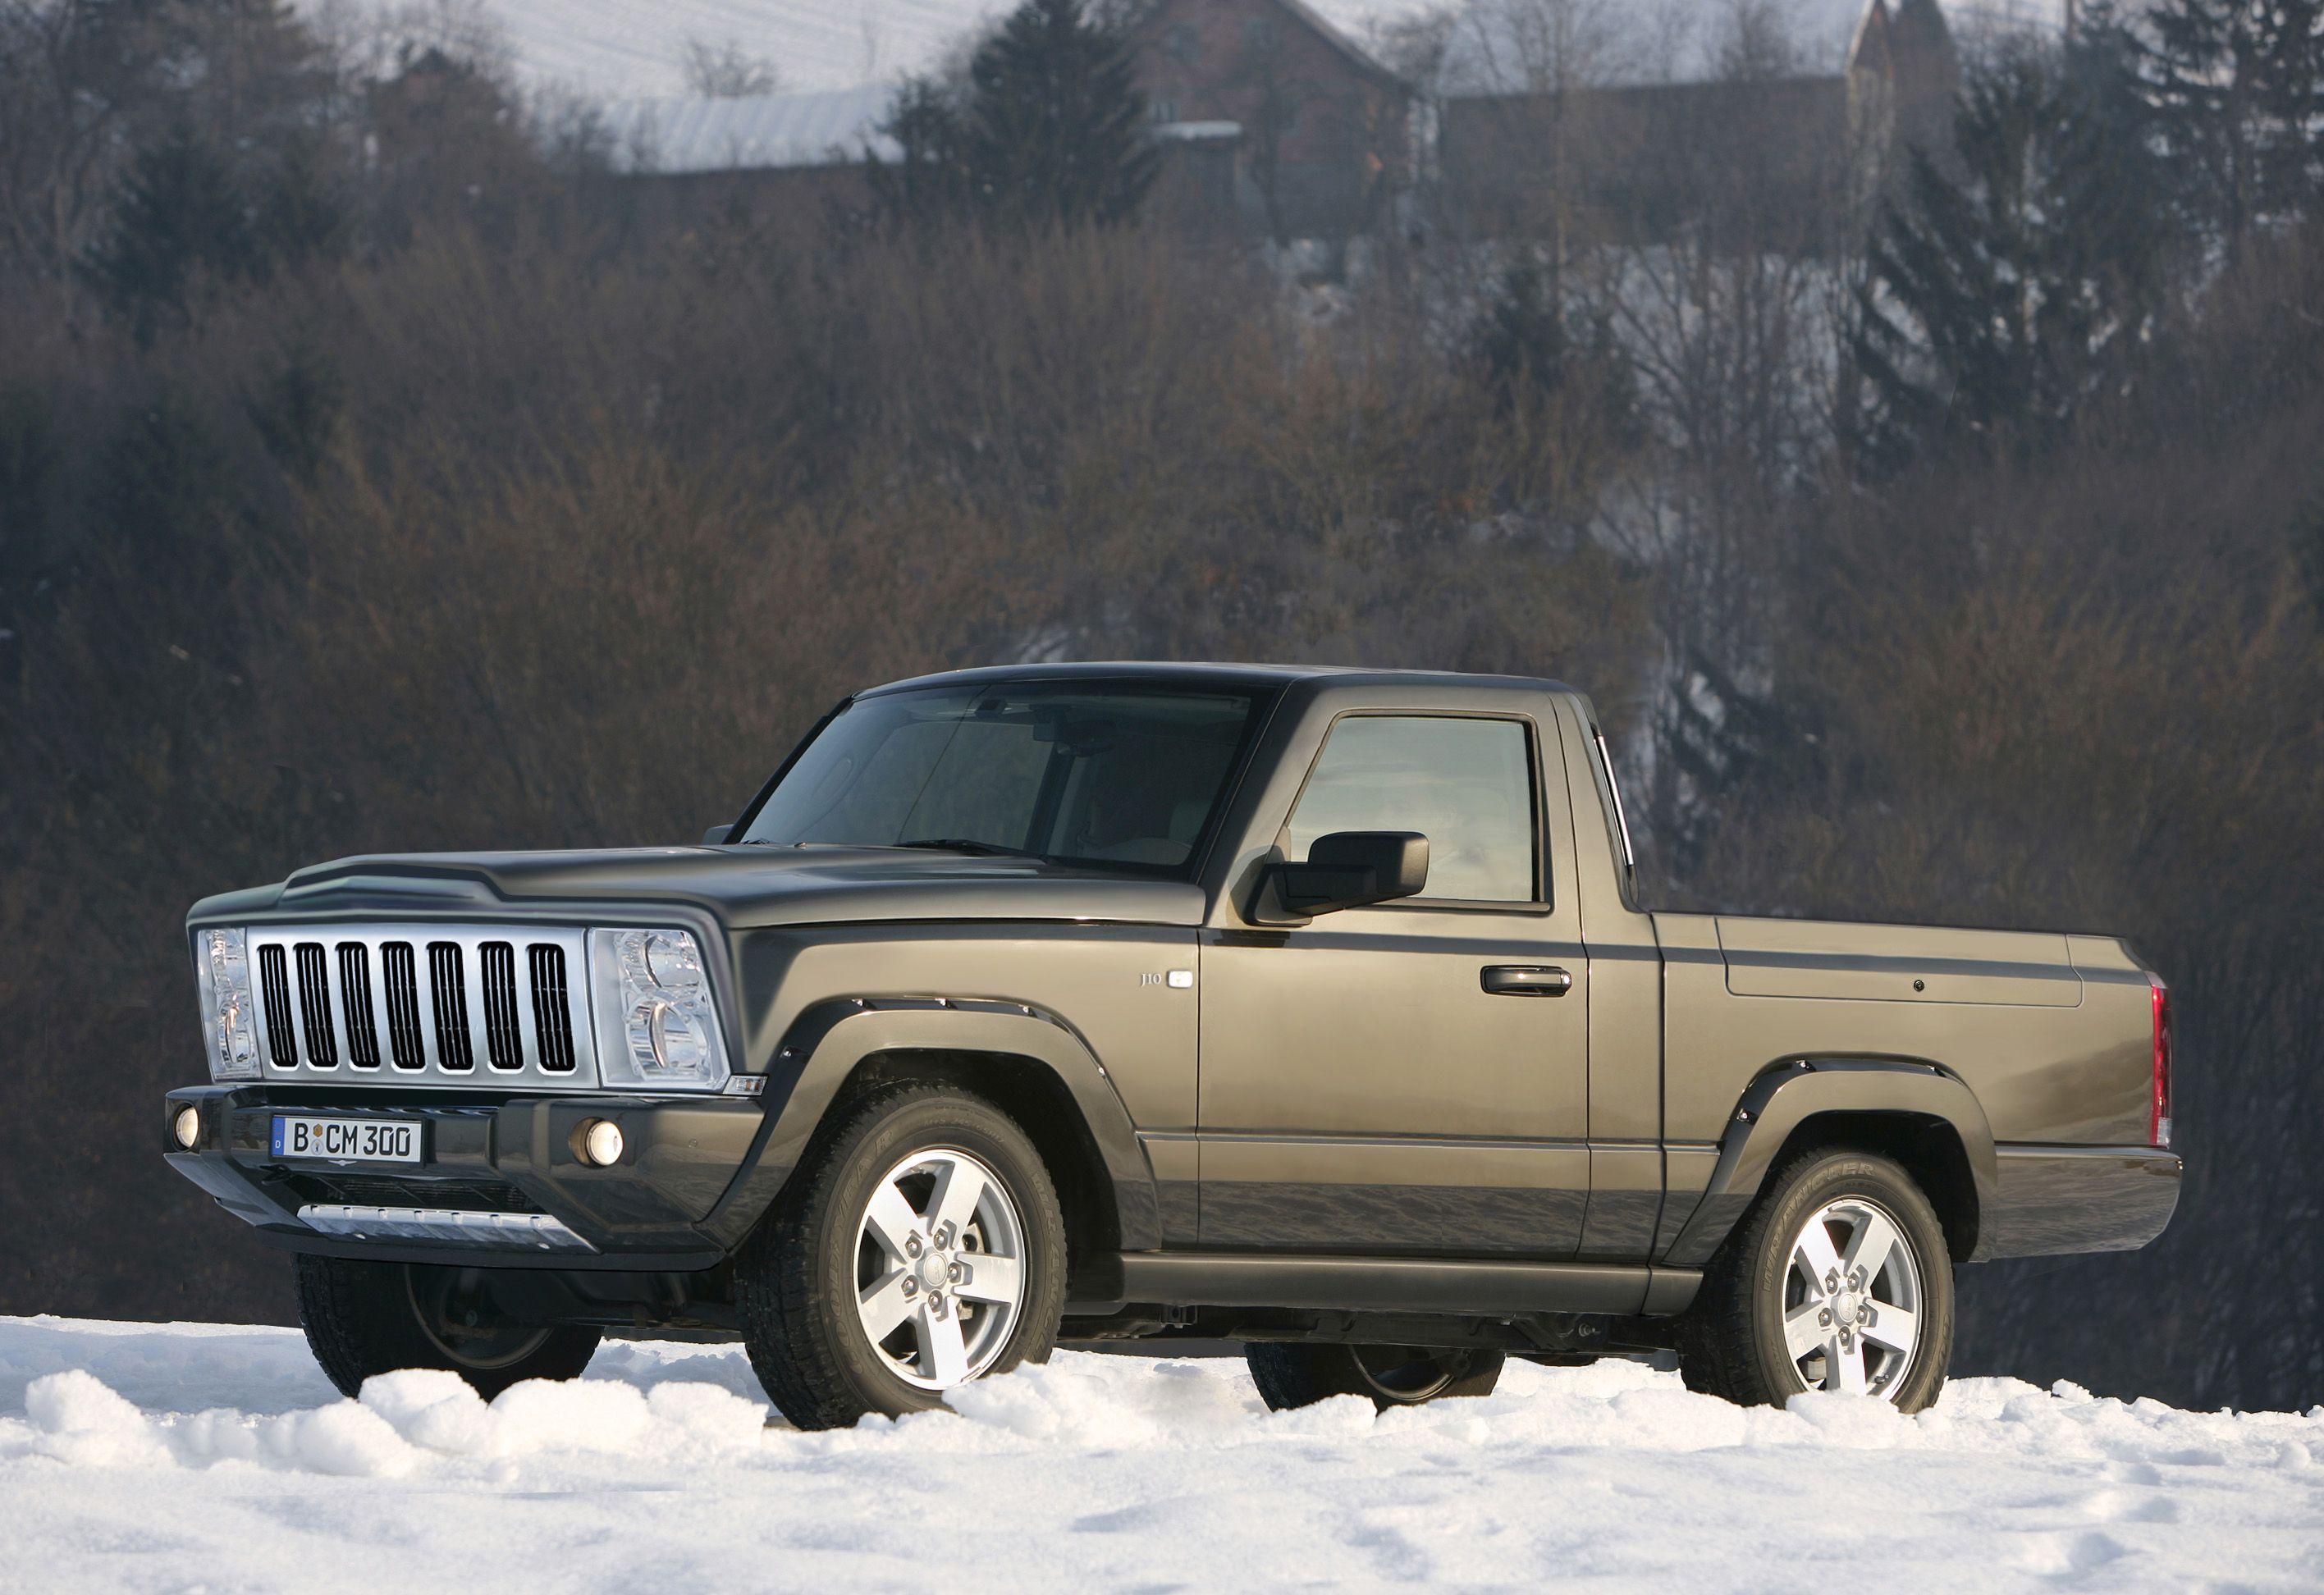 of sale for photos full specs original hidden nods comanche regular to jeep budsride tricks cab custom